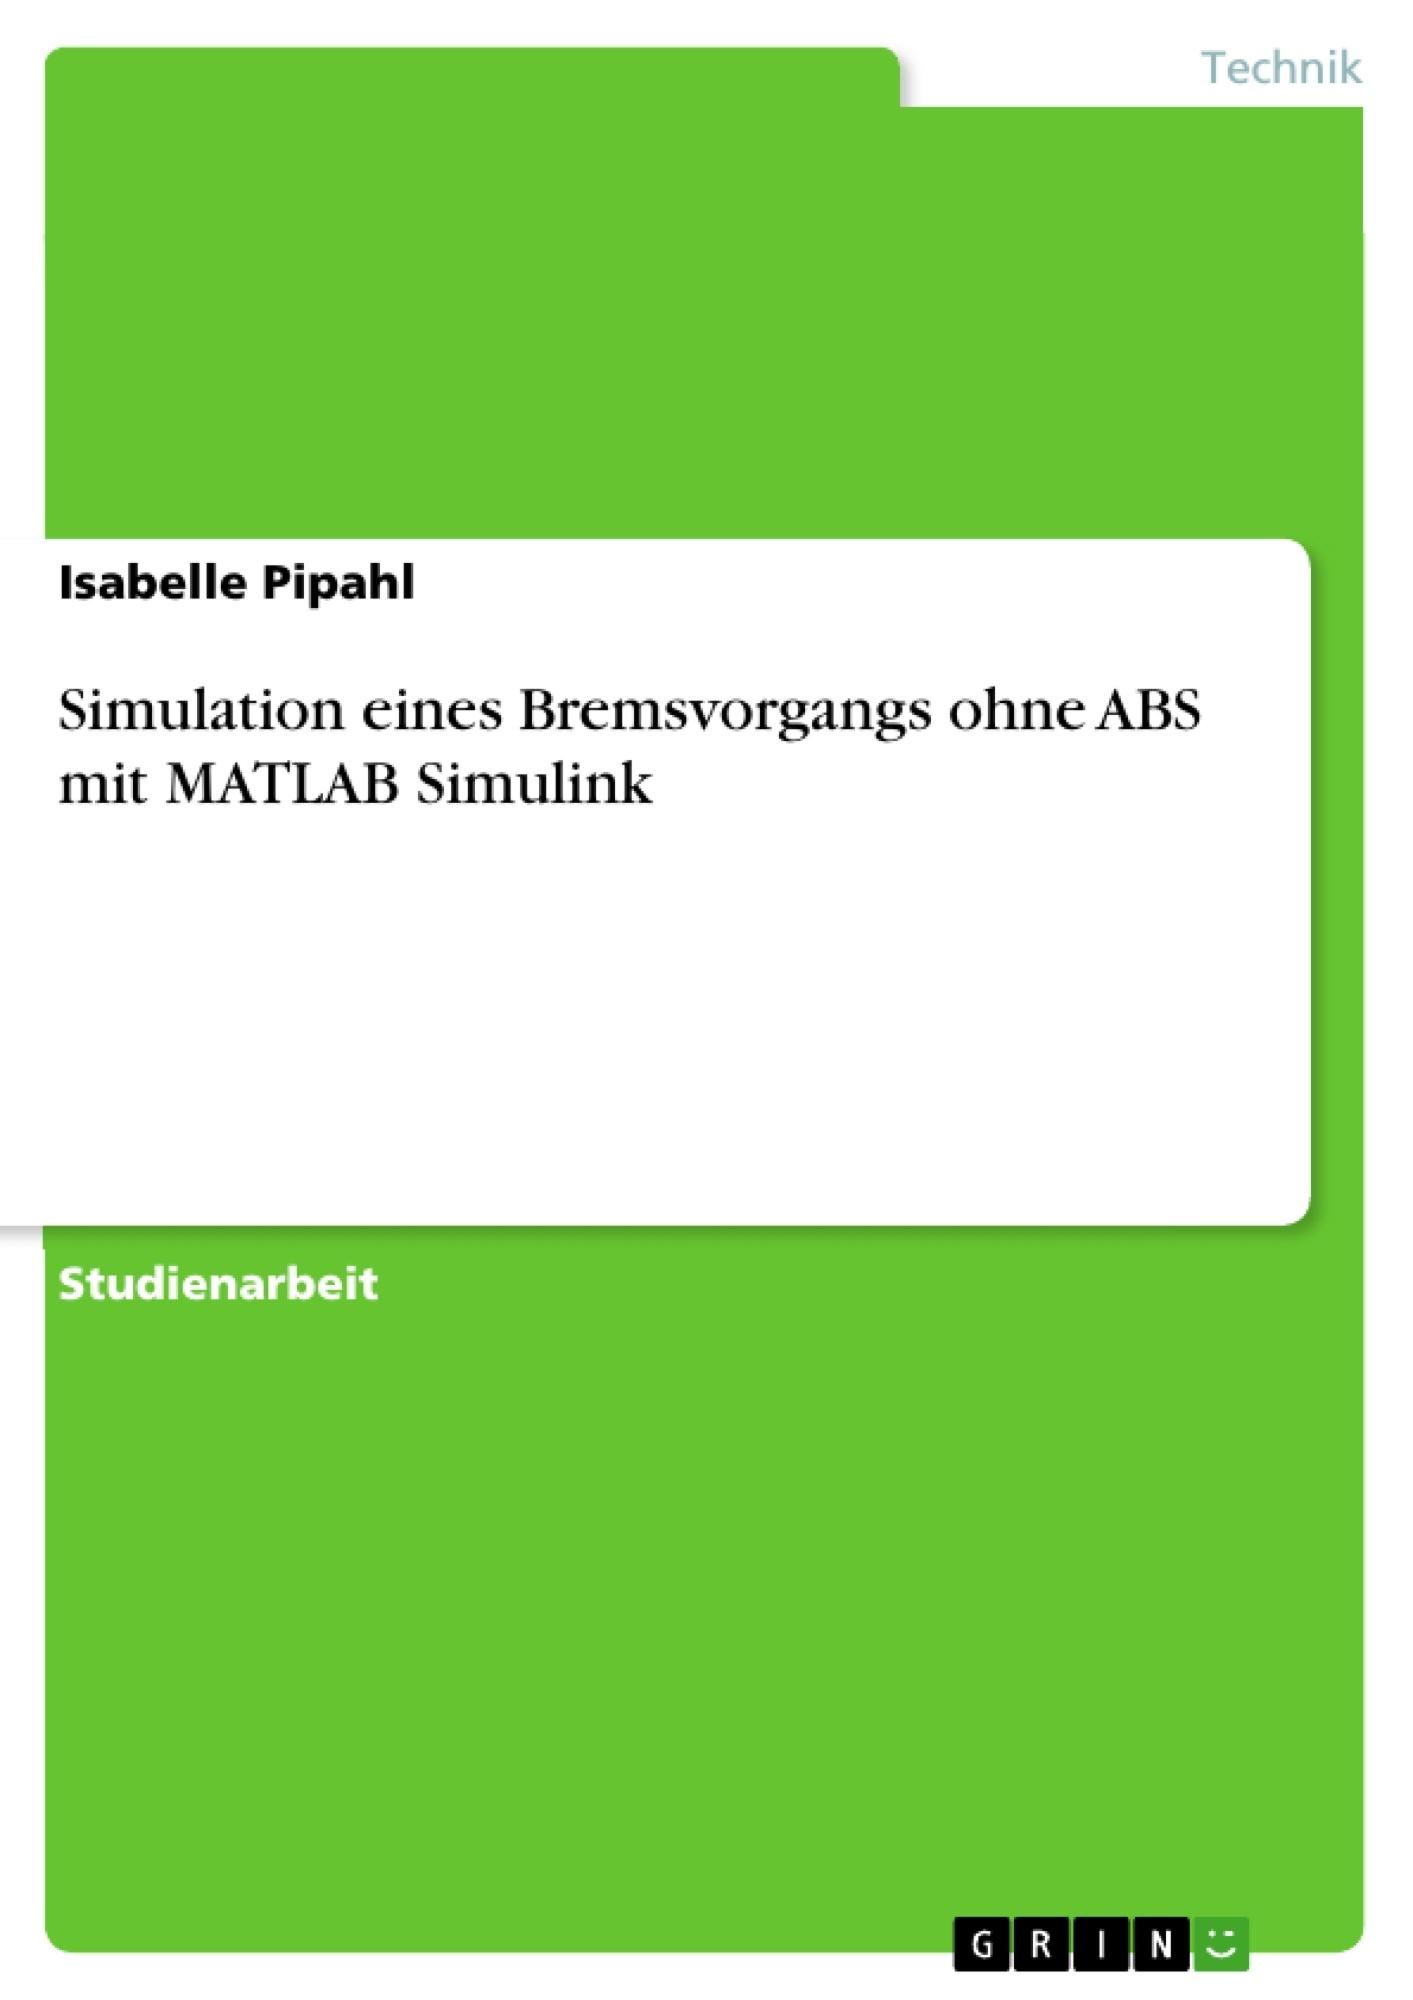 Titel: Simulation eines Bremsvorgangs ohne ABS mit MATLAB Simulink